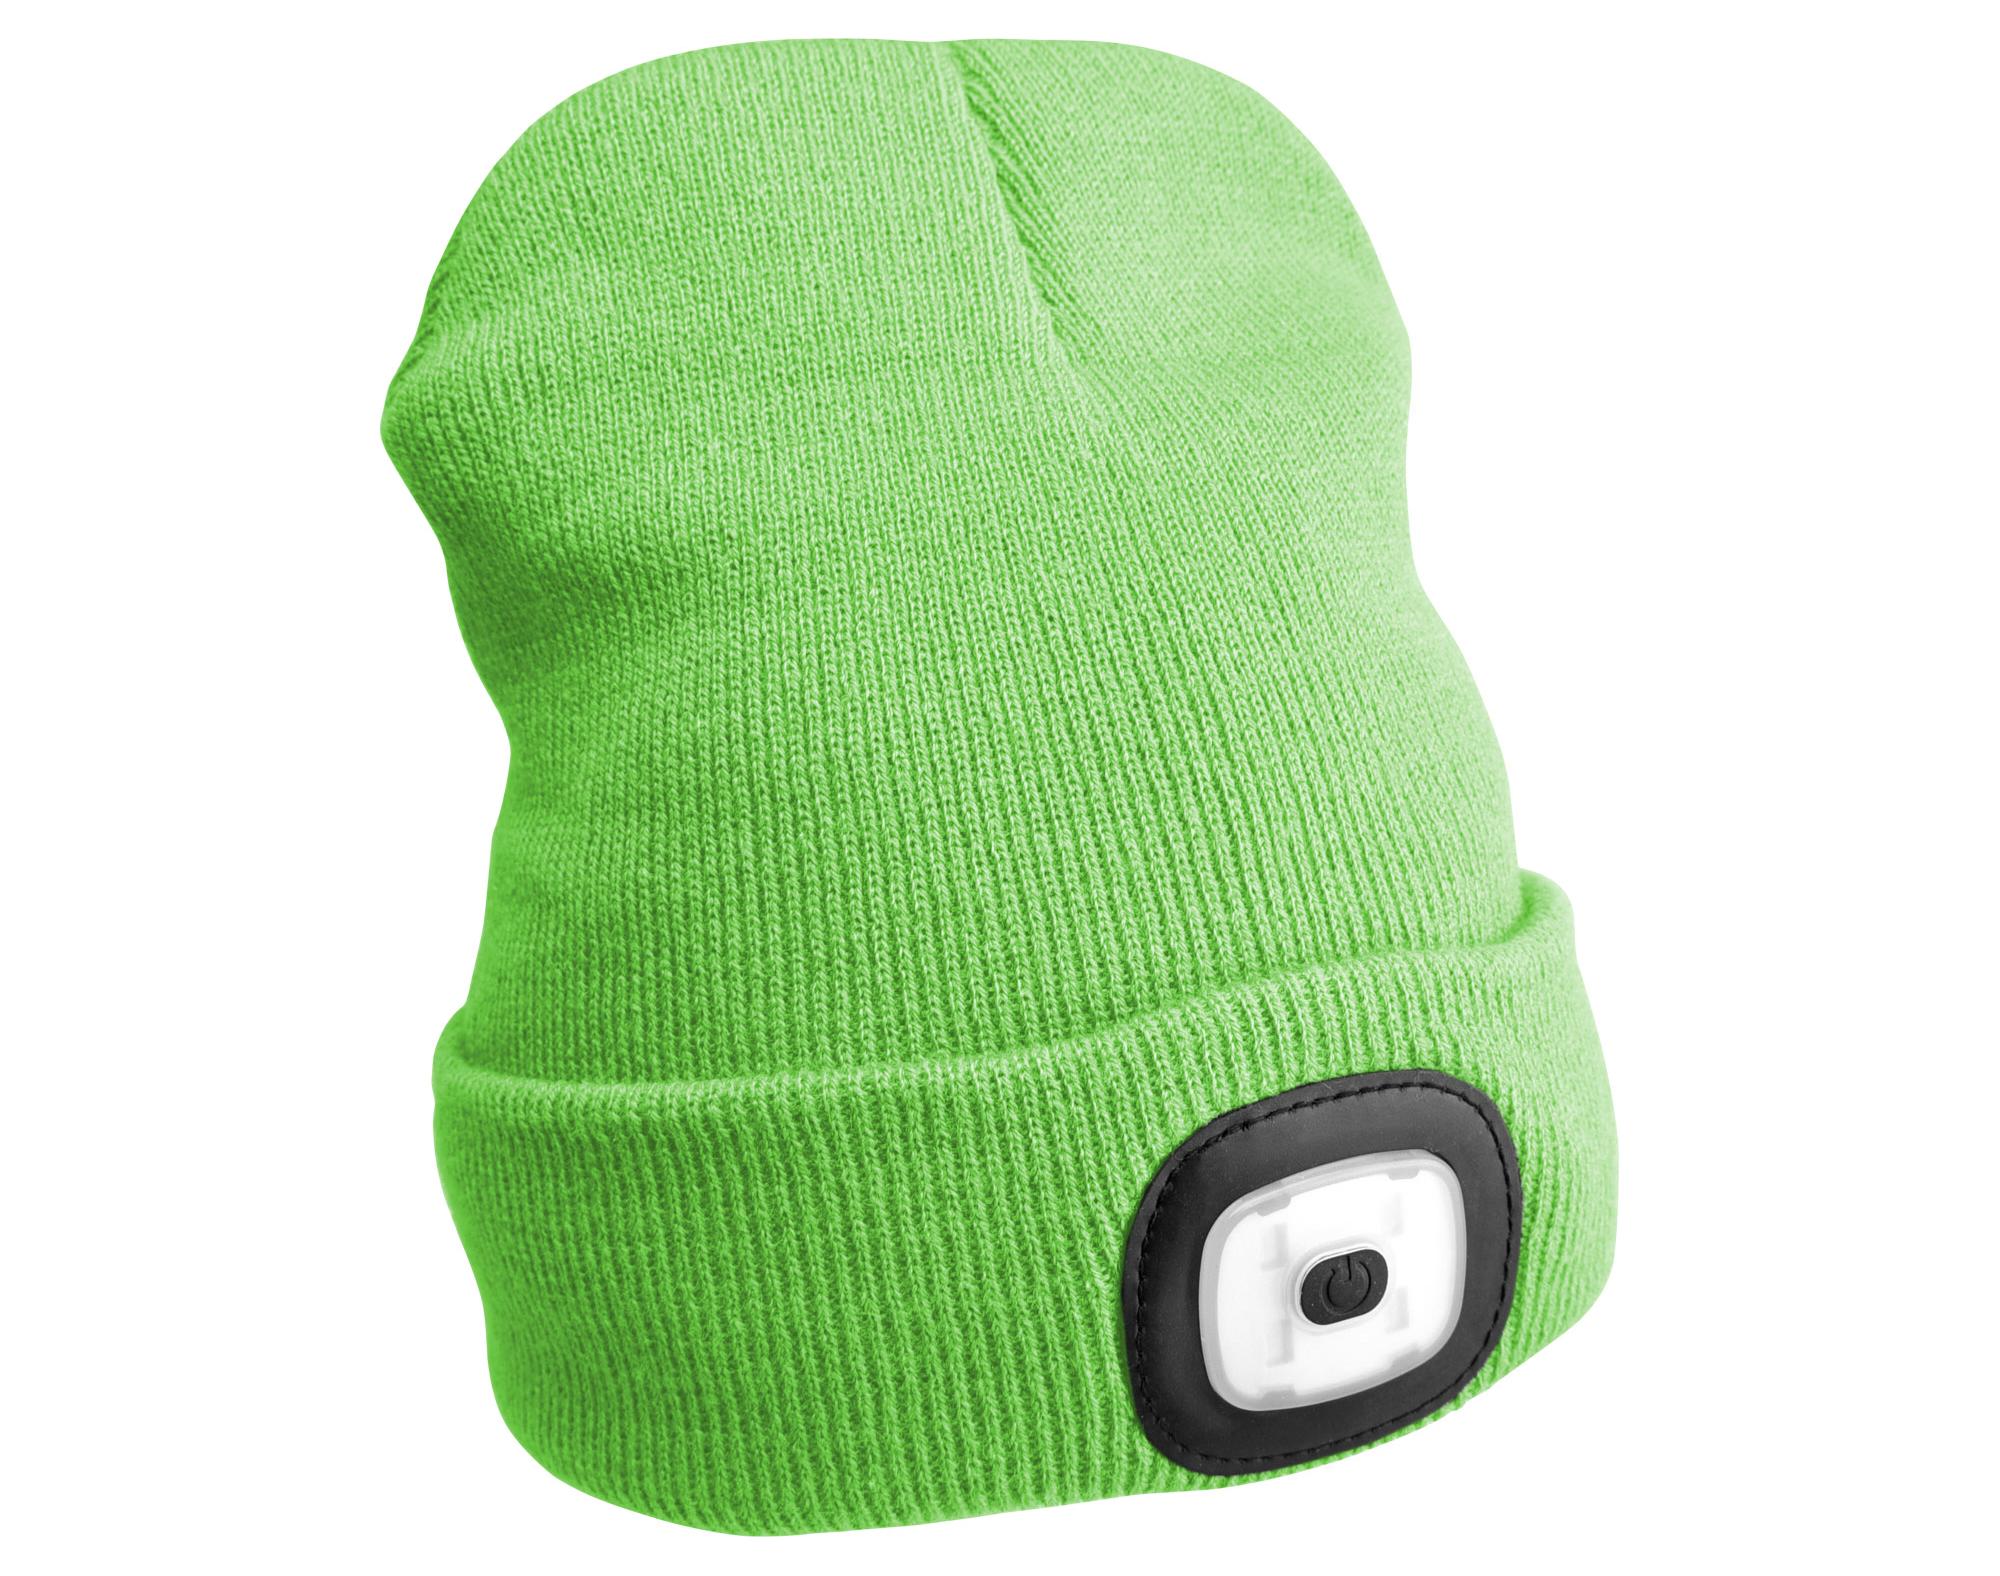 Čepice s čelovkou 45lm, nabíjecí, USB, univerzální velikost, fluorescentní zelená SIXTOL